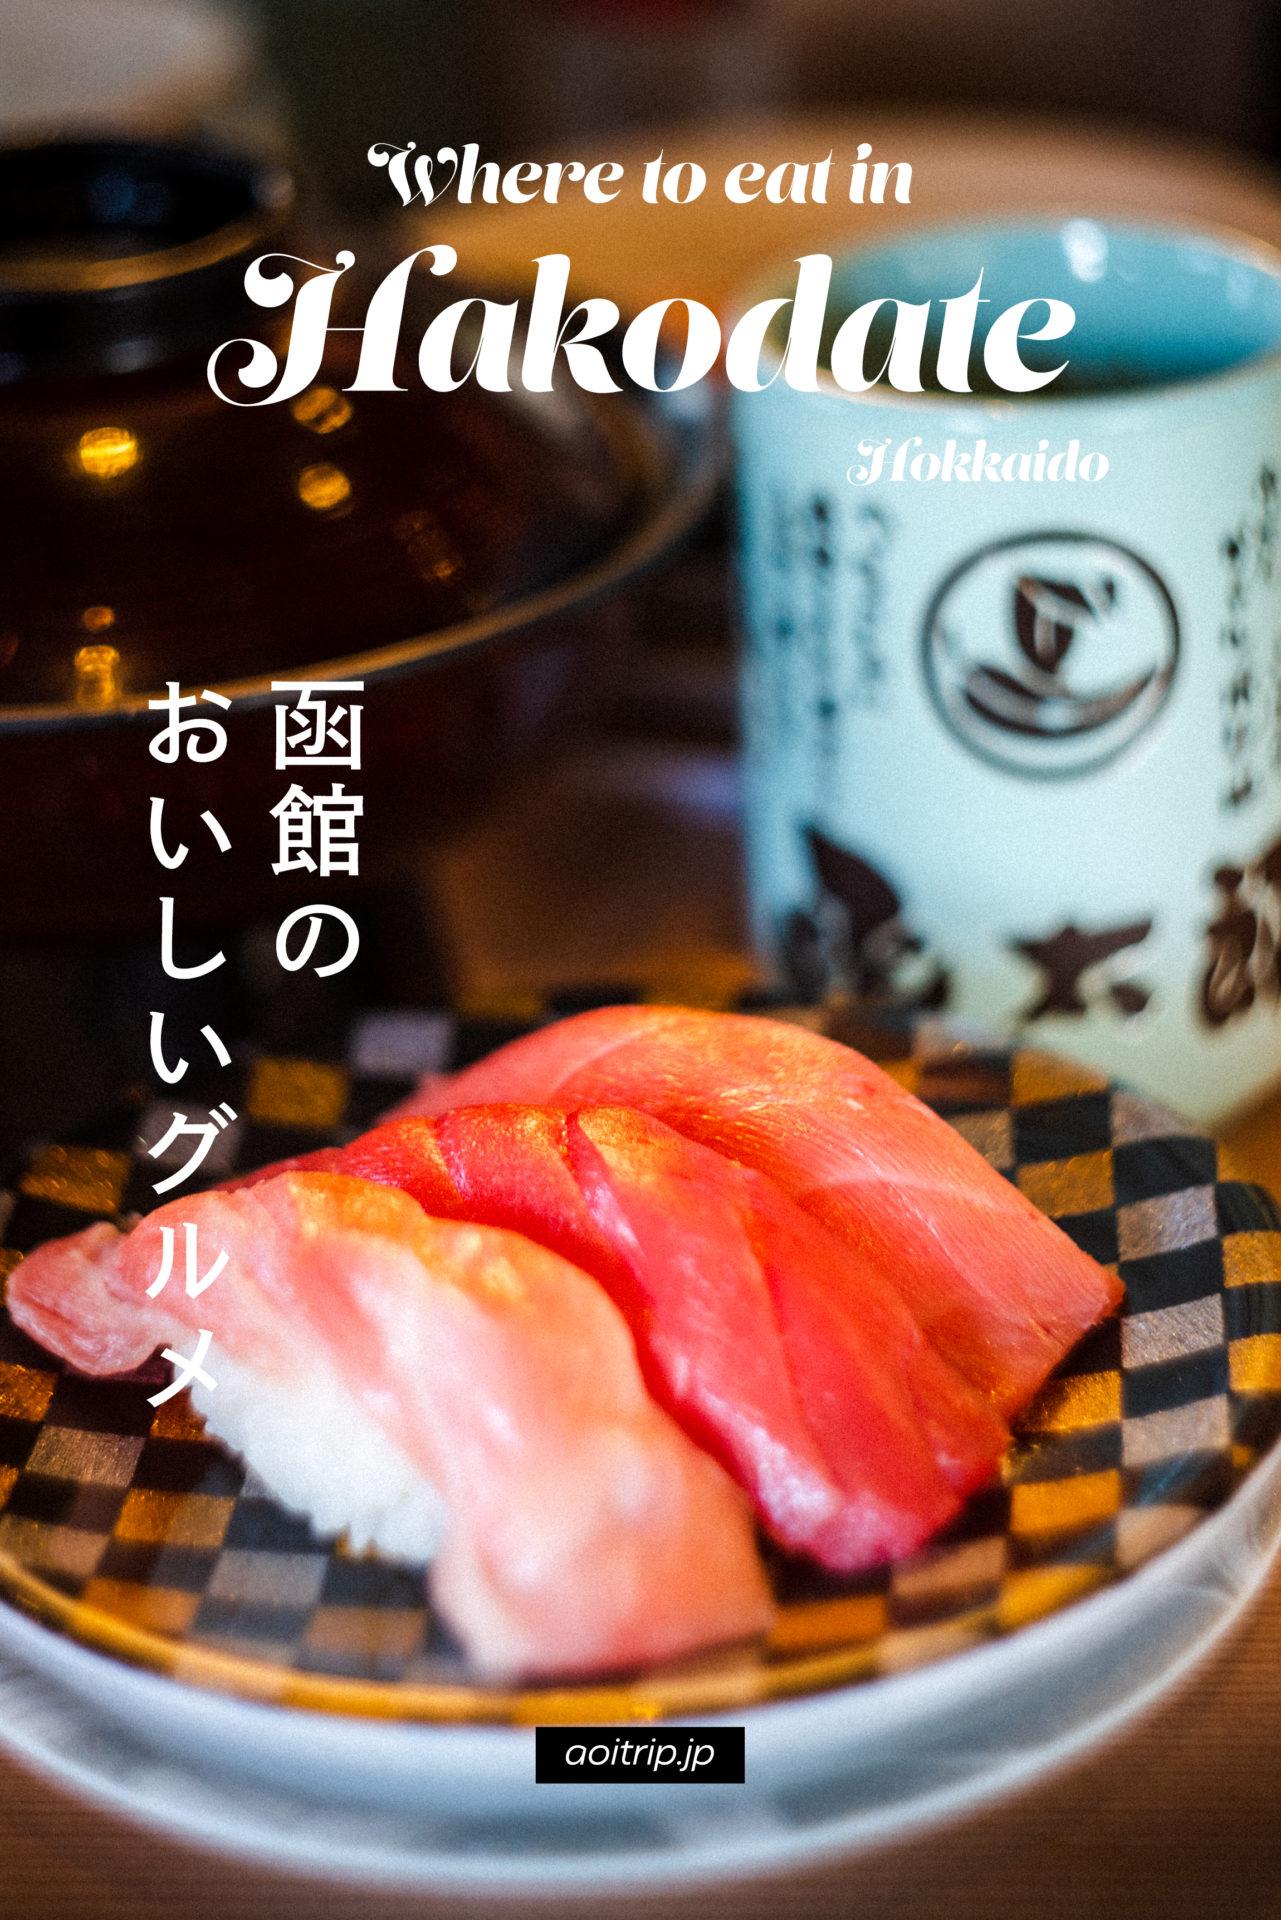 北海道 函館旅行で食べた美味しいグルメ Where to eat in Hakodate, Hokkaido